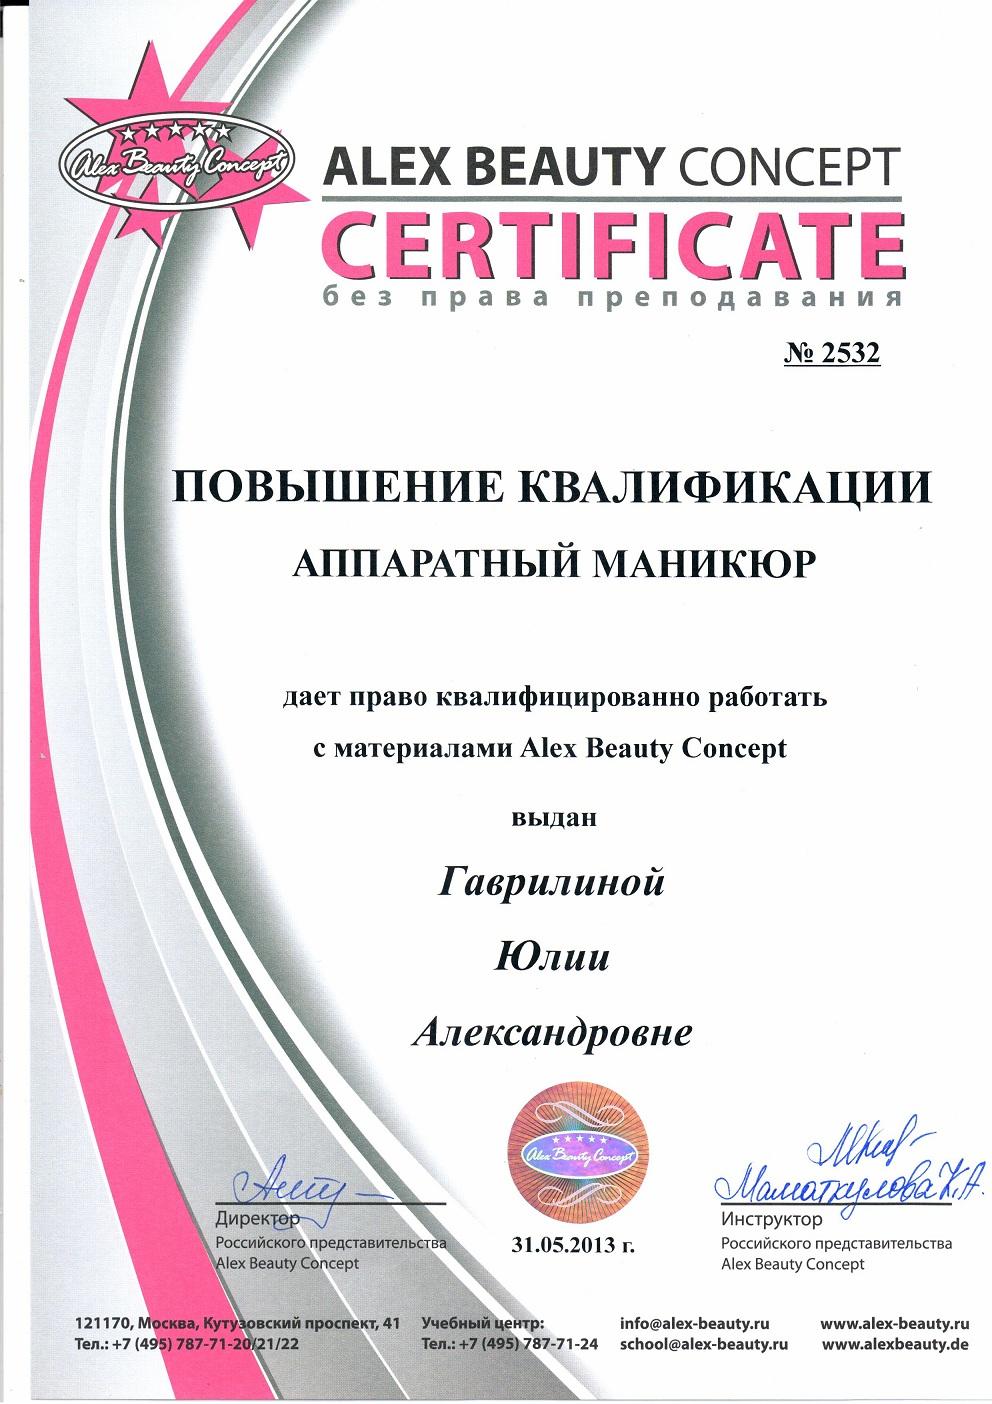 2013 Сертификат о повышении квалификации Аппаратный маникюр